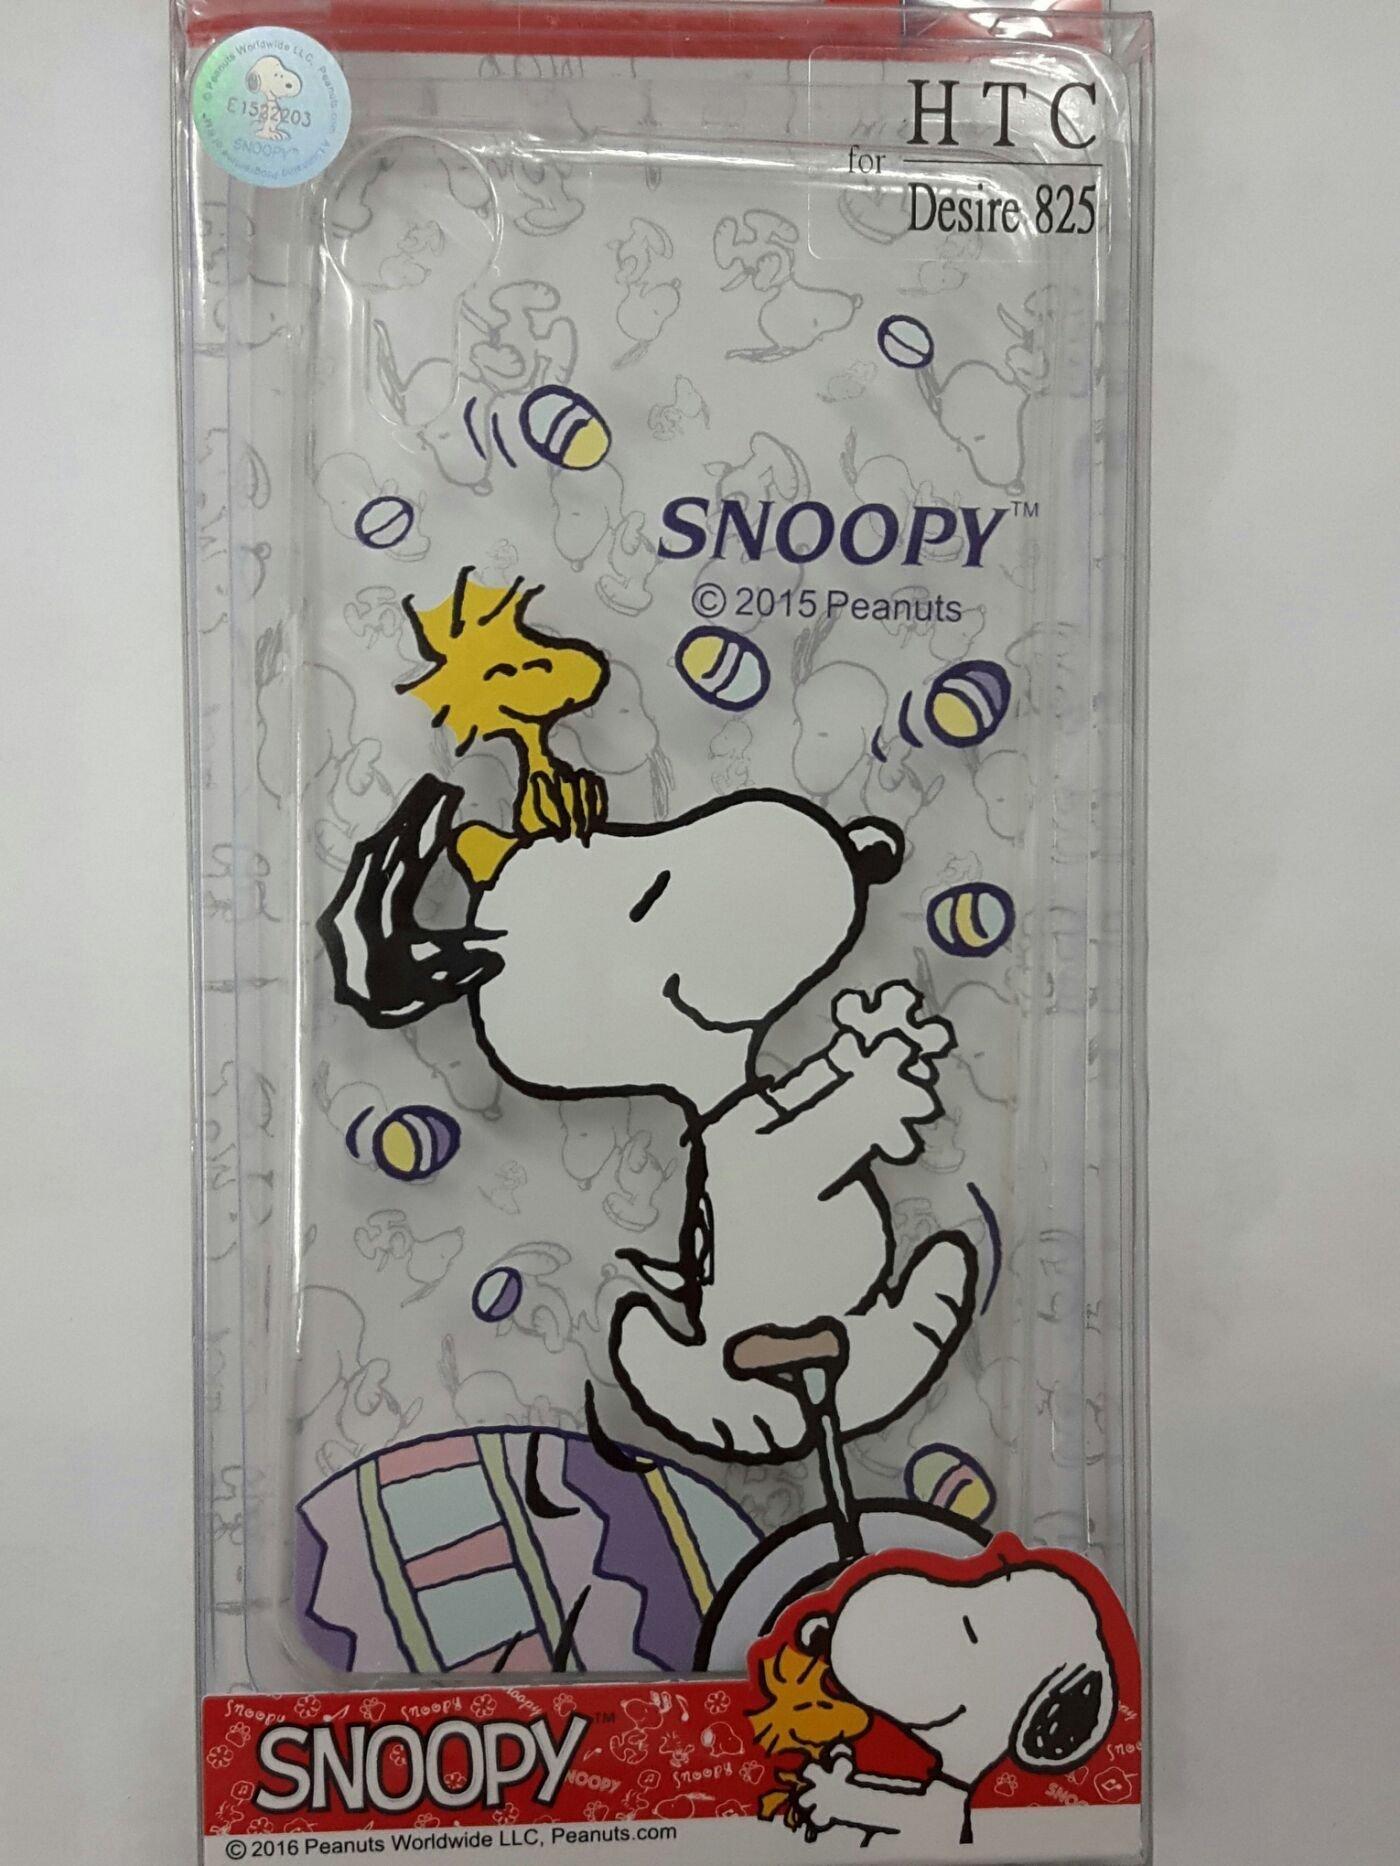 彰化手機館 HTC 825 手機殼 史努比 SNOOPY TPU軟殼 清水套 果凍套 殼  背蓋 保護套